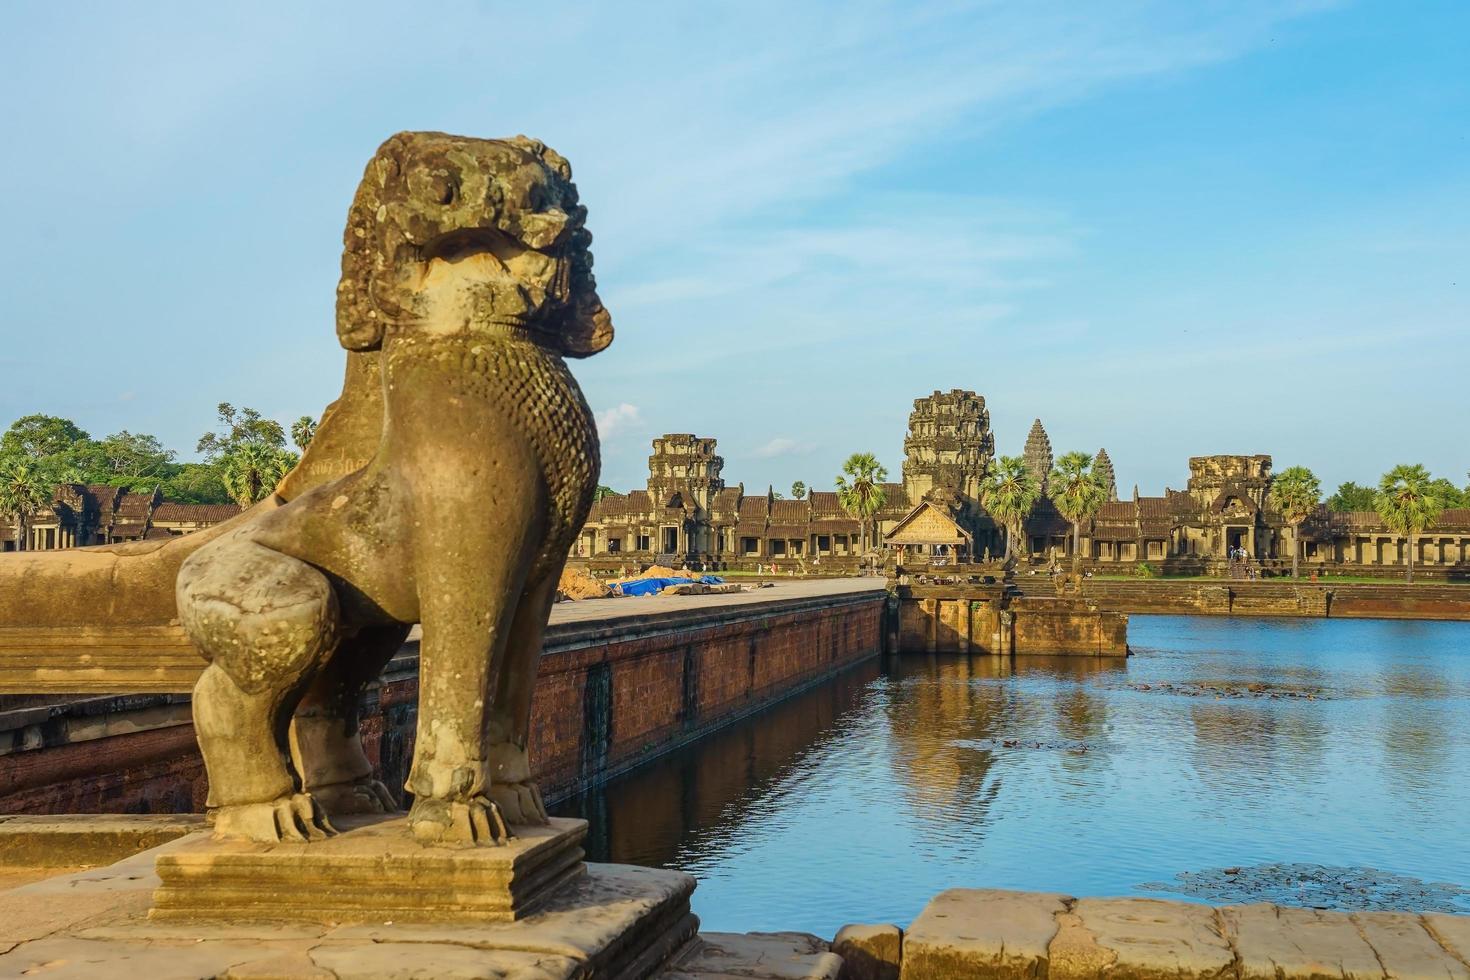 Antiguo templo de Angkor Wat desde el otro lado del lago, Siem Reap, Camboya foto